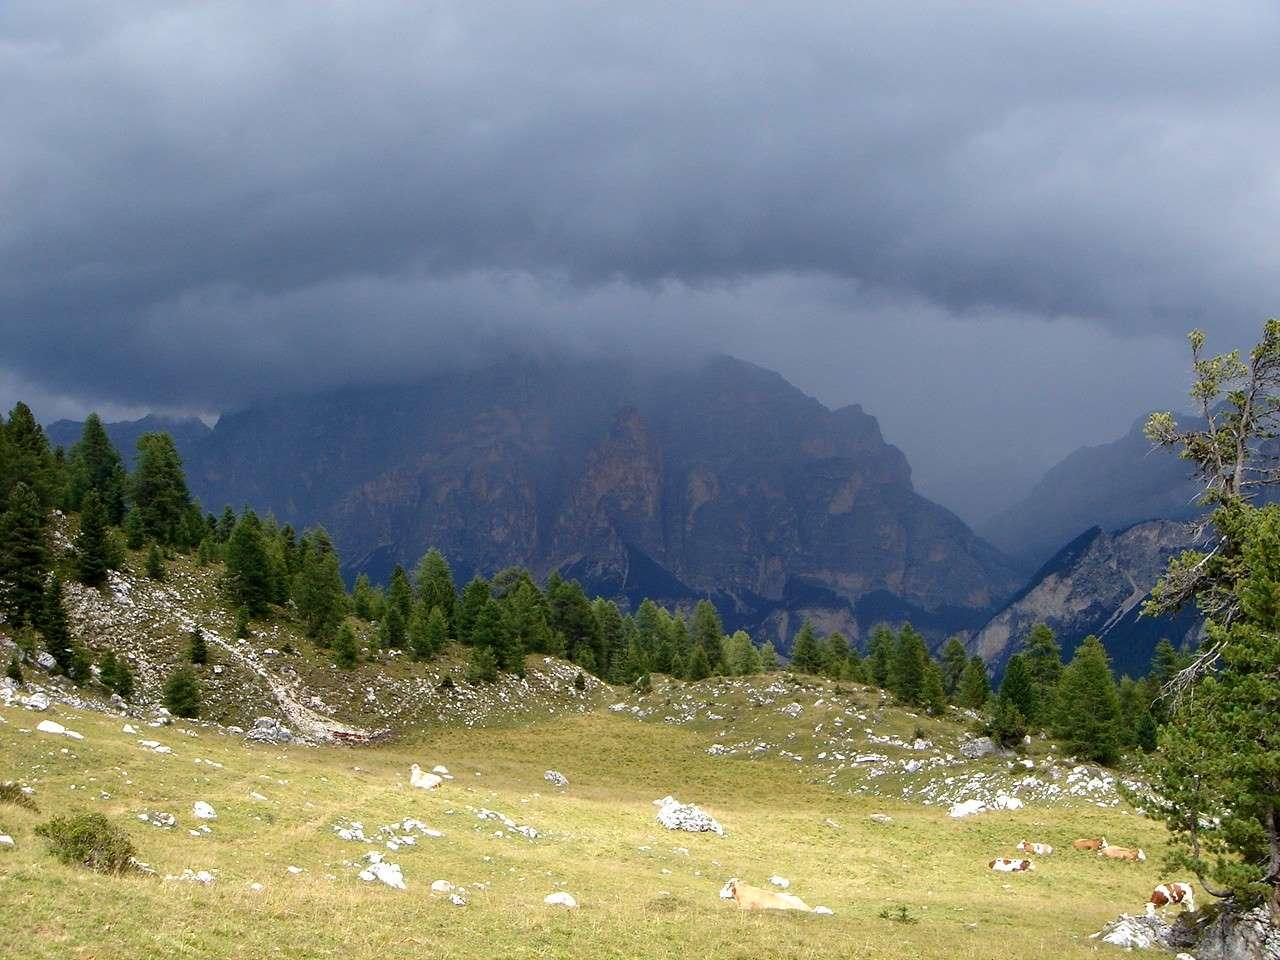 Foto: Manfred Karl / Wander Tour / Settsass (2571m) / Gewitter über Lavarella und Cunturines. / 05.05.2007 18:52:08